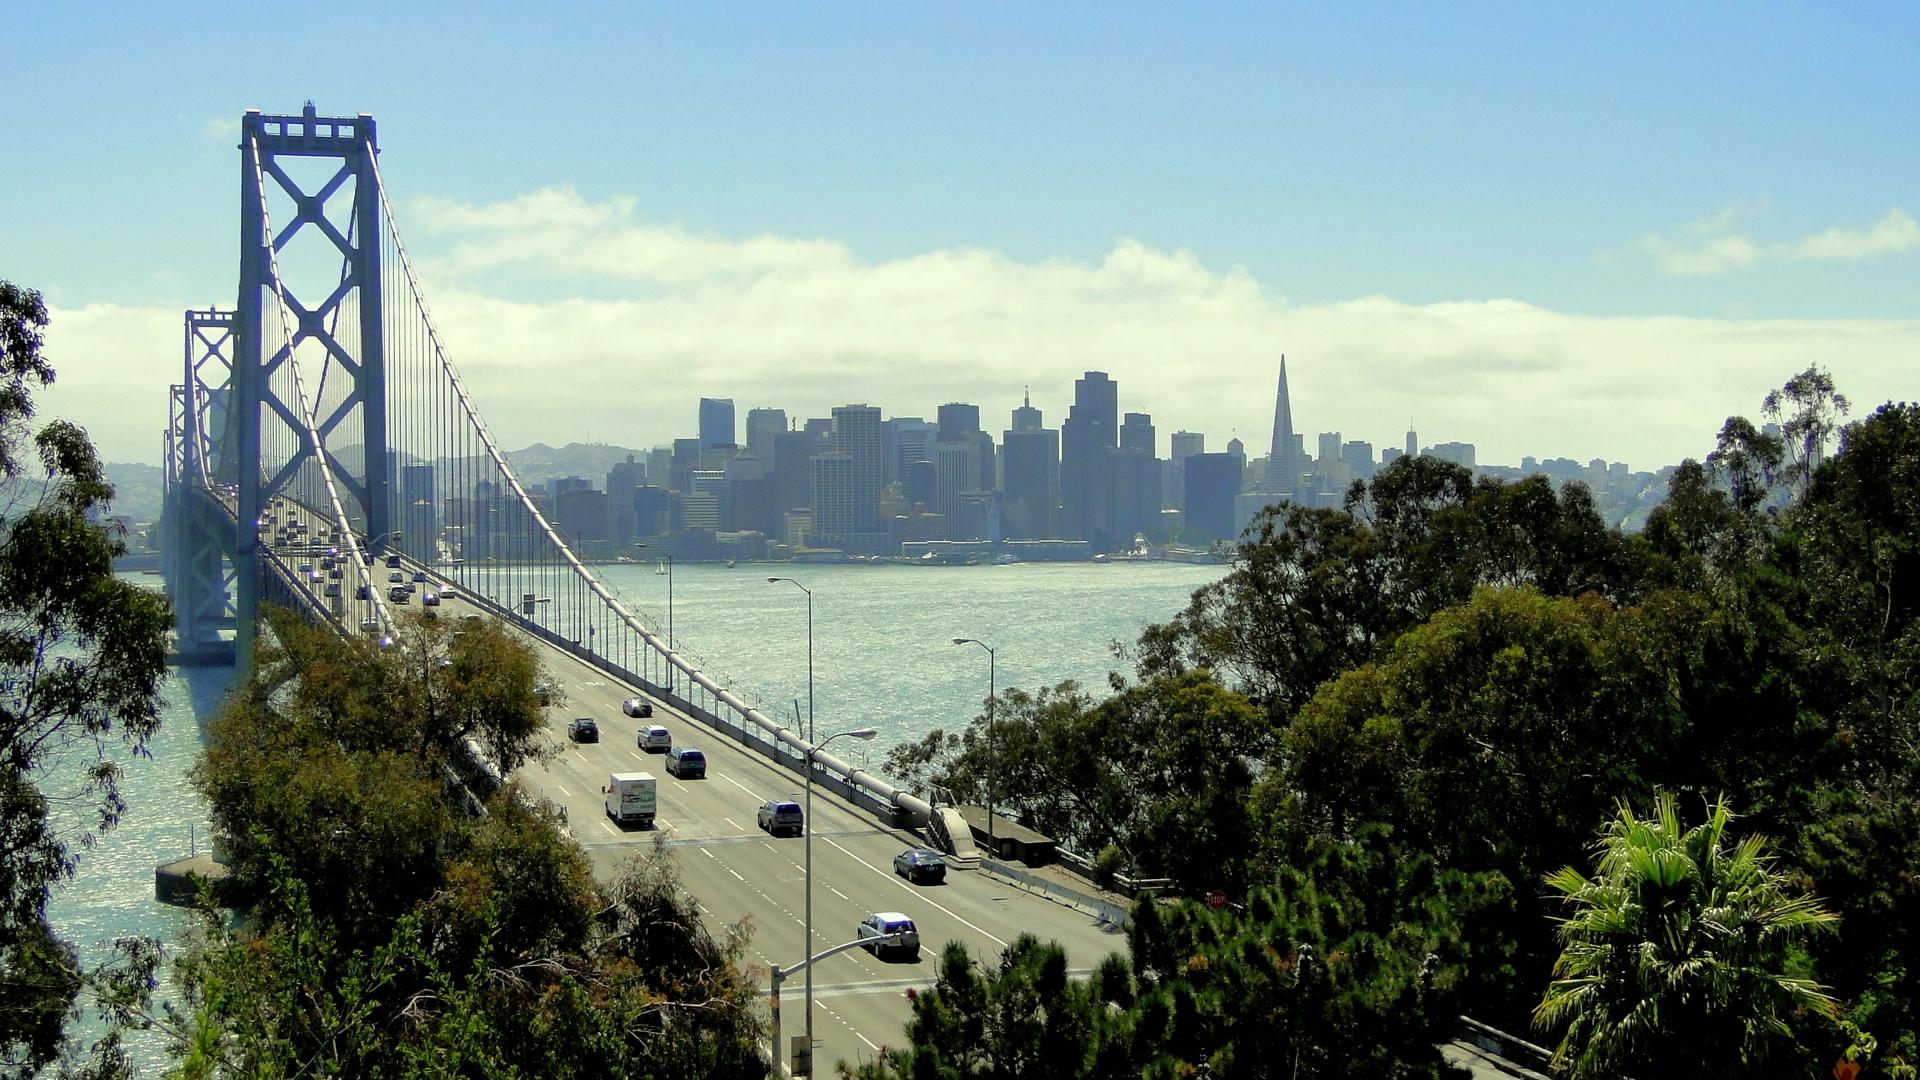 San Francisco / Oakland Bay Bridge & SF Downtown..